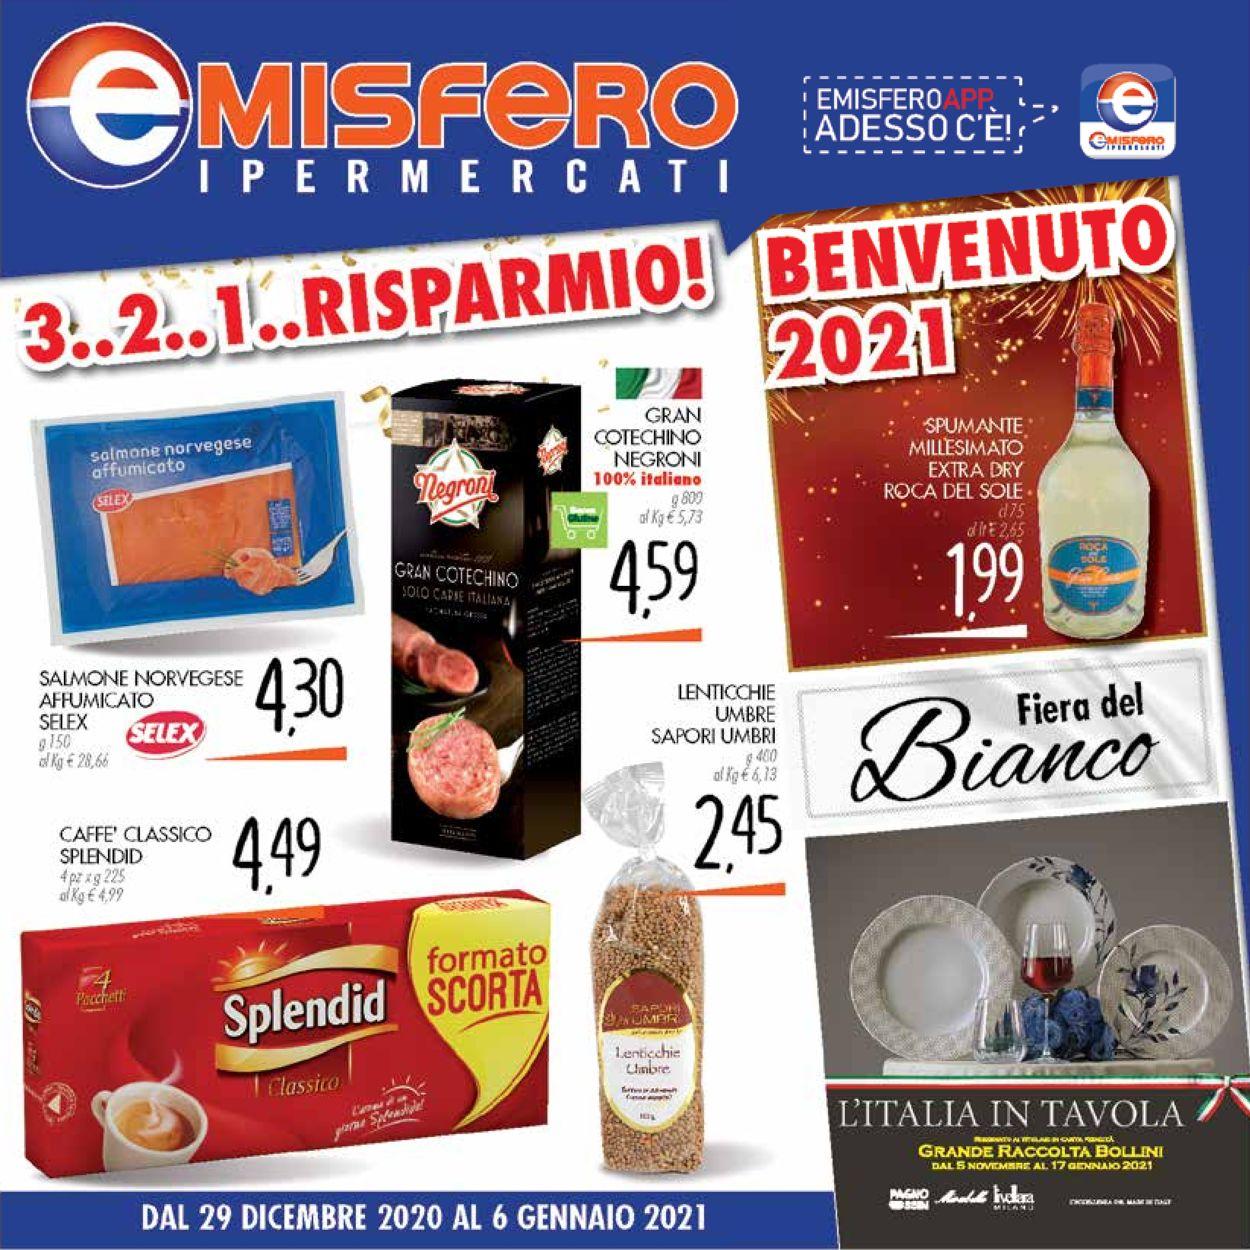 Volantino Emisfero -  Capodanno 2021 - Offerte 29/12-06/01/2021